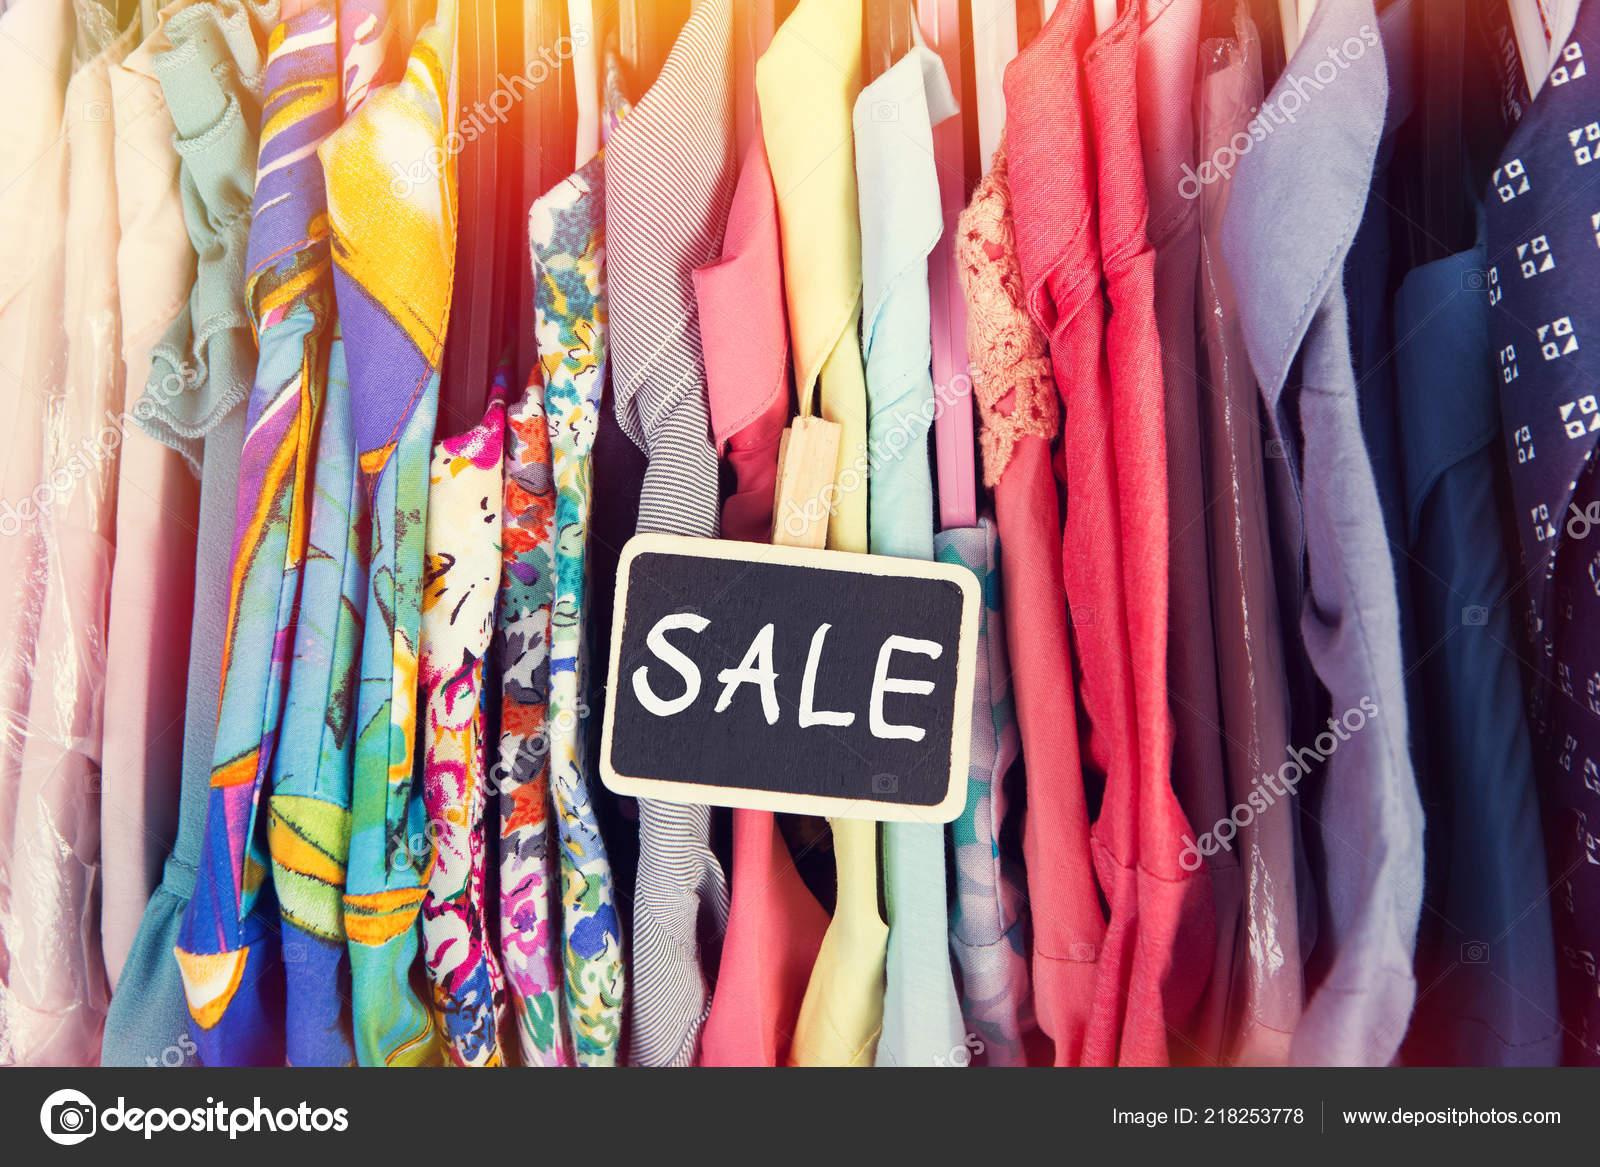 2263a68ea158d Étiquette Vente Vêtements Suspendus Sur Grille Dans Magasin Mode — Photo